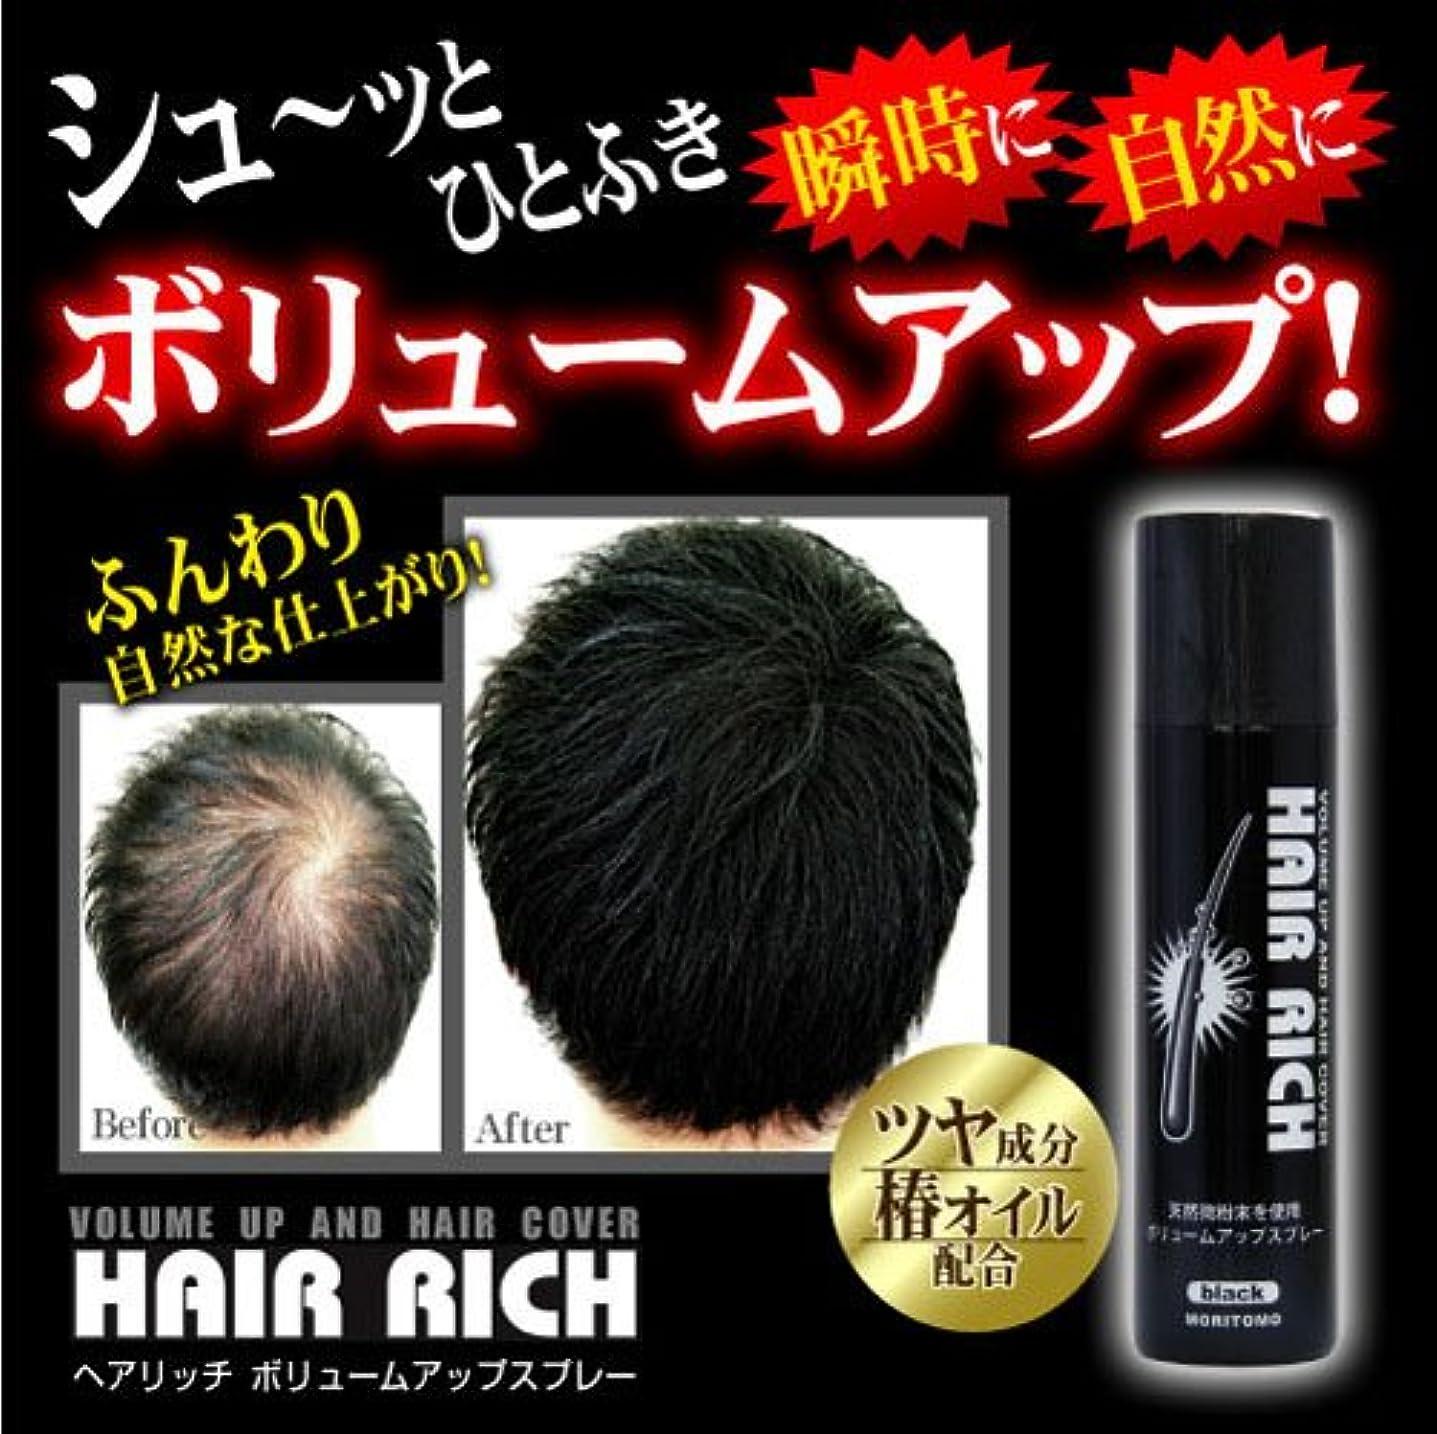 ドレイン霧グローバルヘアリッチ ボリュームアップスプレー【HAIR RICH】 育毛剤 発毛剤 増毛剤 増毛 スプレー